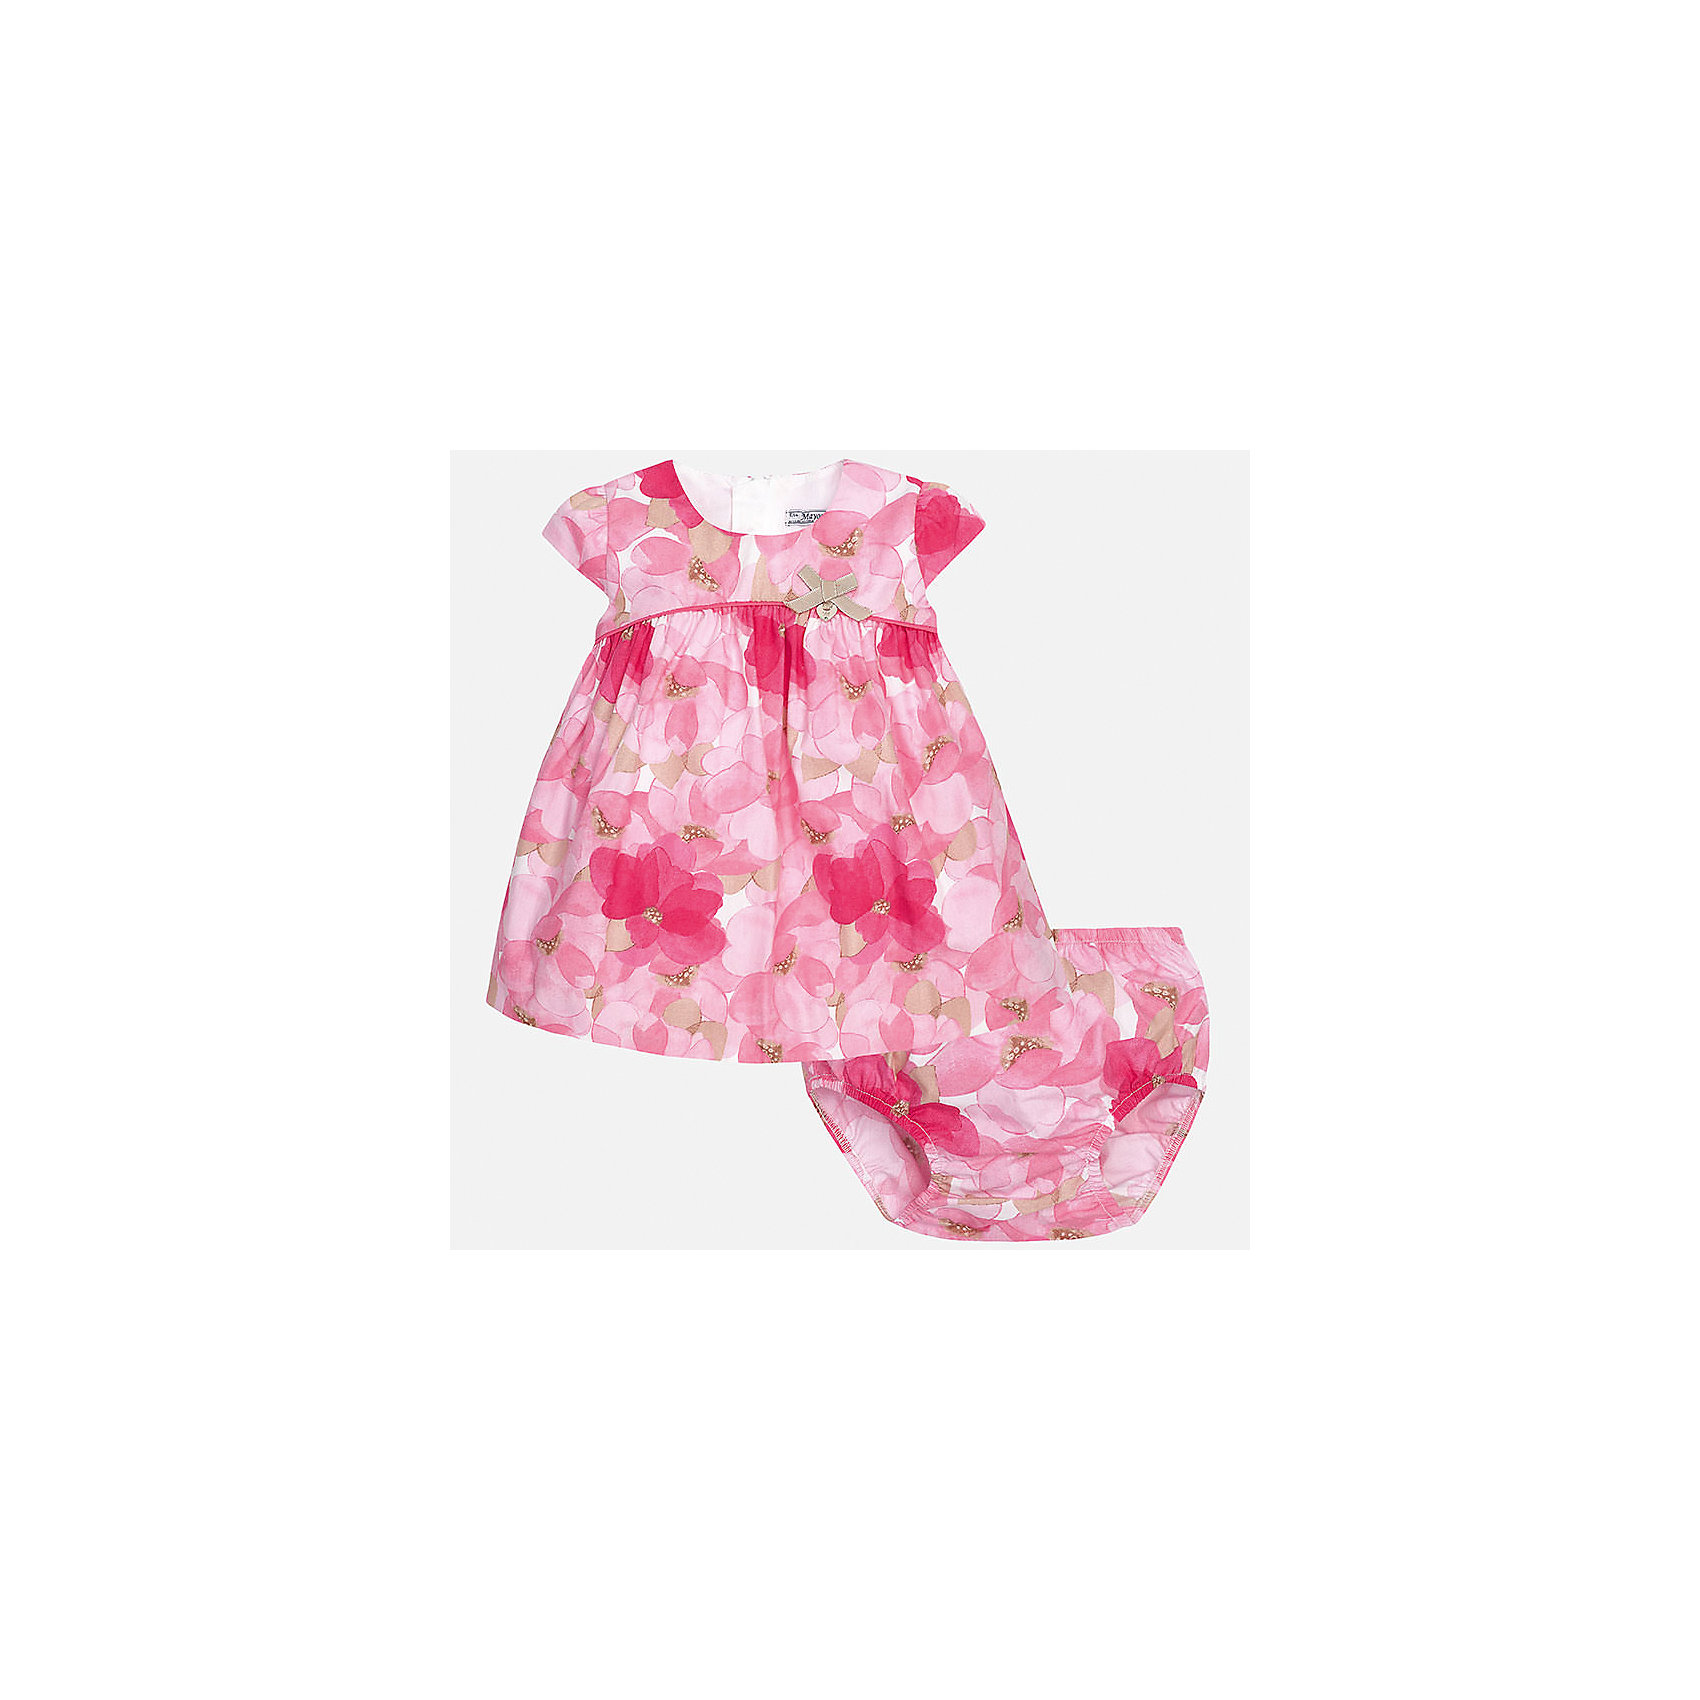 Платье для девочки MayoralПлатья<br>Характеристики товара:<br><br>• цвет: розовый<br>• состав: 100% хлопок, подкладка - 65% полиэстер, 35% хлопок<br>• застежка: молния<br>• легкий материал<br>• украшено принтом<br>• в комплекте - трусы<br>• с подкладкой<br>• короткие рукава<br>• страна бренда: Испания<br><br>Красивое легкое платье для девочки поможет разнообразить гардероб ребенка и создать эффектный наряд. Оно подойдет и для торжественных случаев, может быть и как ежедневный наряд. Красивый оттенок позволяет подобрать к вещи обувь разных расцветок. В составе материала подкладки - натуральный хлопок, гипоаллергенный, приятный на ощупь, дышащий. Платье хорошо сидит по фигуре.<br><br>Одежда, обувь и аксессуары от испанского бренда Mayoral полюбились детям и взрослым по всему миру. Модели этой марки - стильные и удобные. Для их производства используются только безопасные, качественные материалы и фурнитура. Порадуйте ребенка модными и красивыми вещами от Mayoral! <br><br>Платье для девочки от испанского бренда Mayoral (Майорал) можно купить в нашем интернет-магазине.<br><br>Ширина мм: 236<br>Глубина мм: 16<br>Высота мм: 184<br>Вес г: 177<br>Цвет: розовый<br>Возраст от месяцев: 6<br>Возраст до месяцев: 9<br>Пол: Женский<br>Возраст: Детский<br>Размер: 74,92,80,86<br>SKU: 5289178